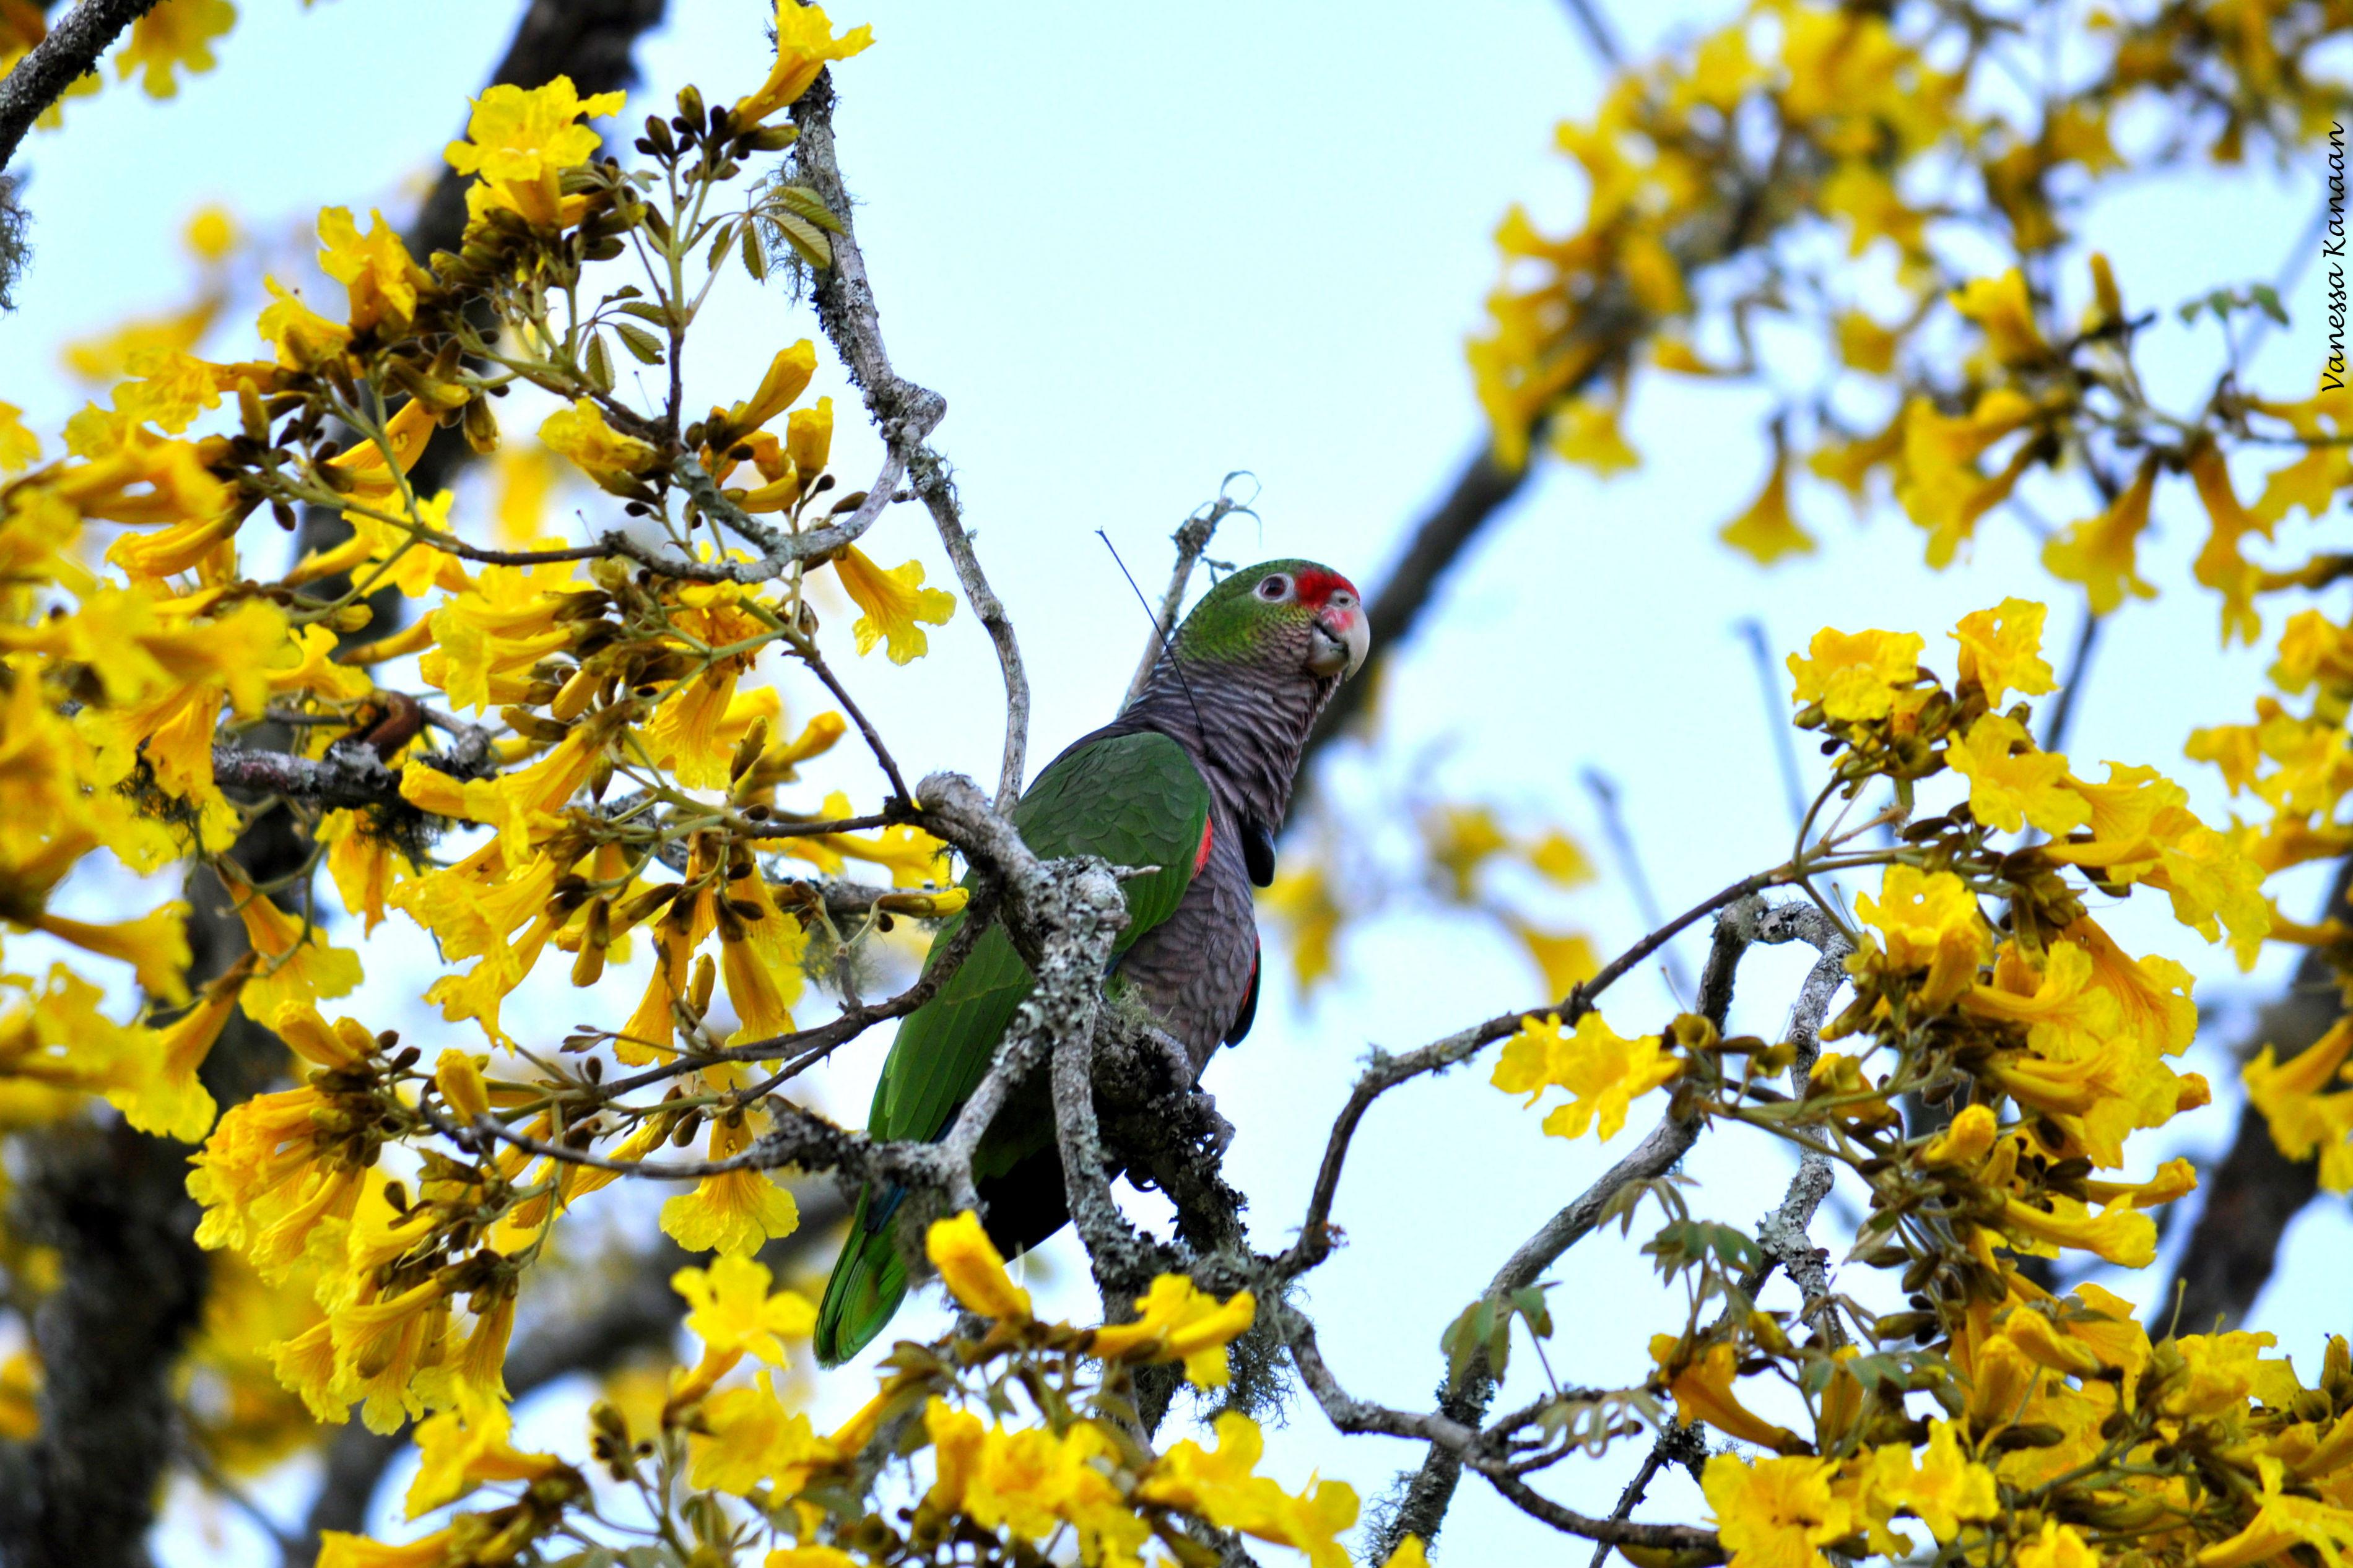 Aves são monitoradas na natureza